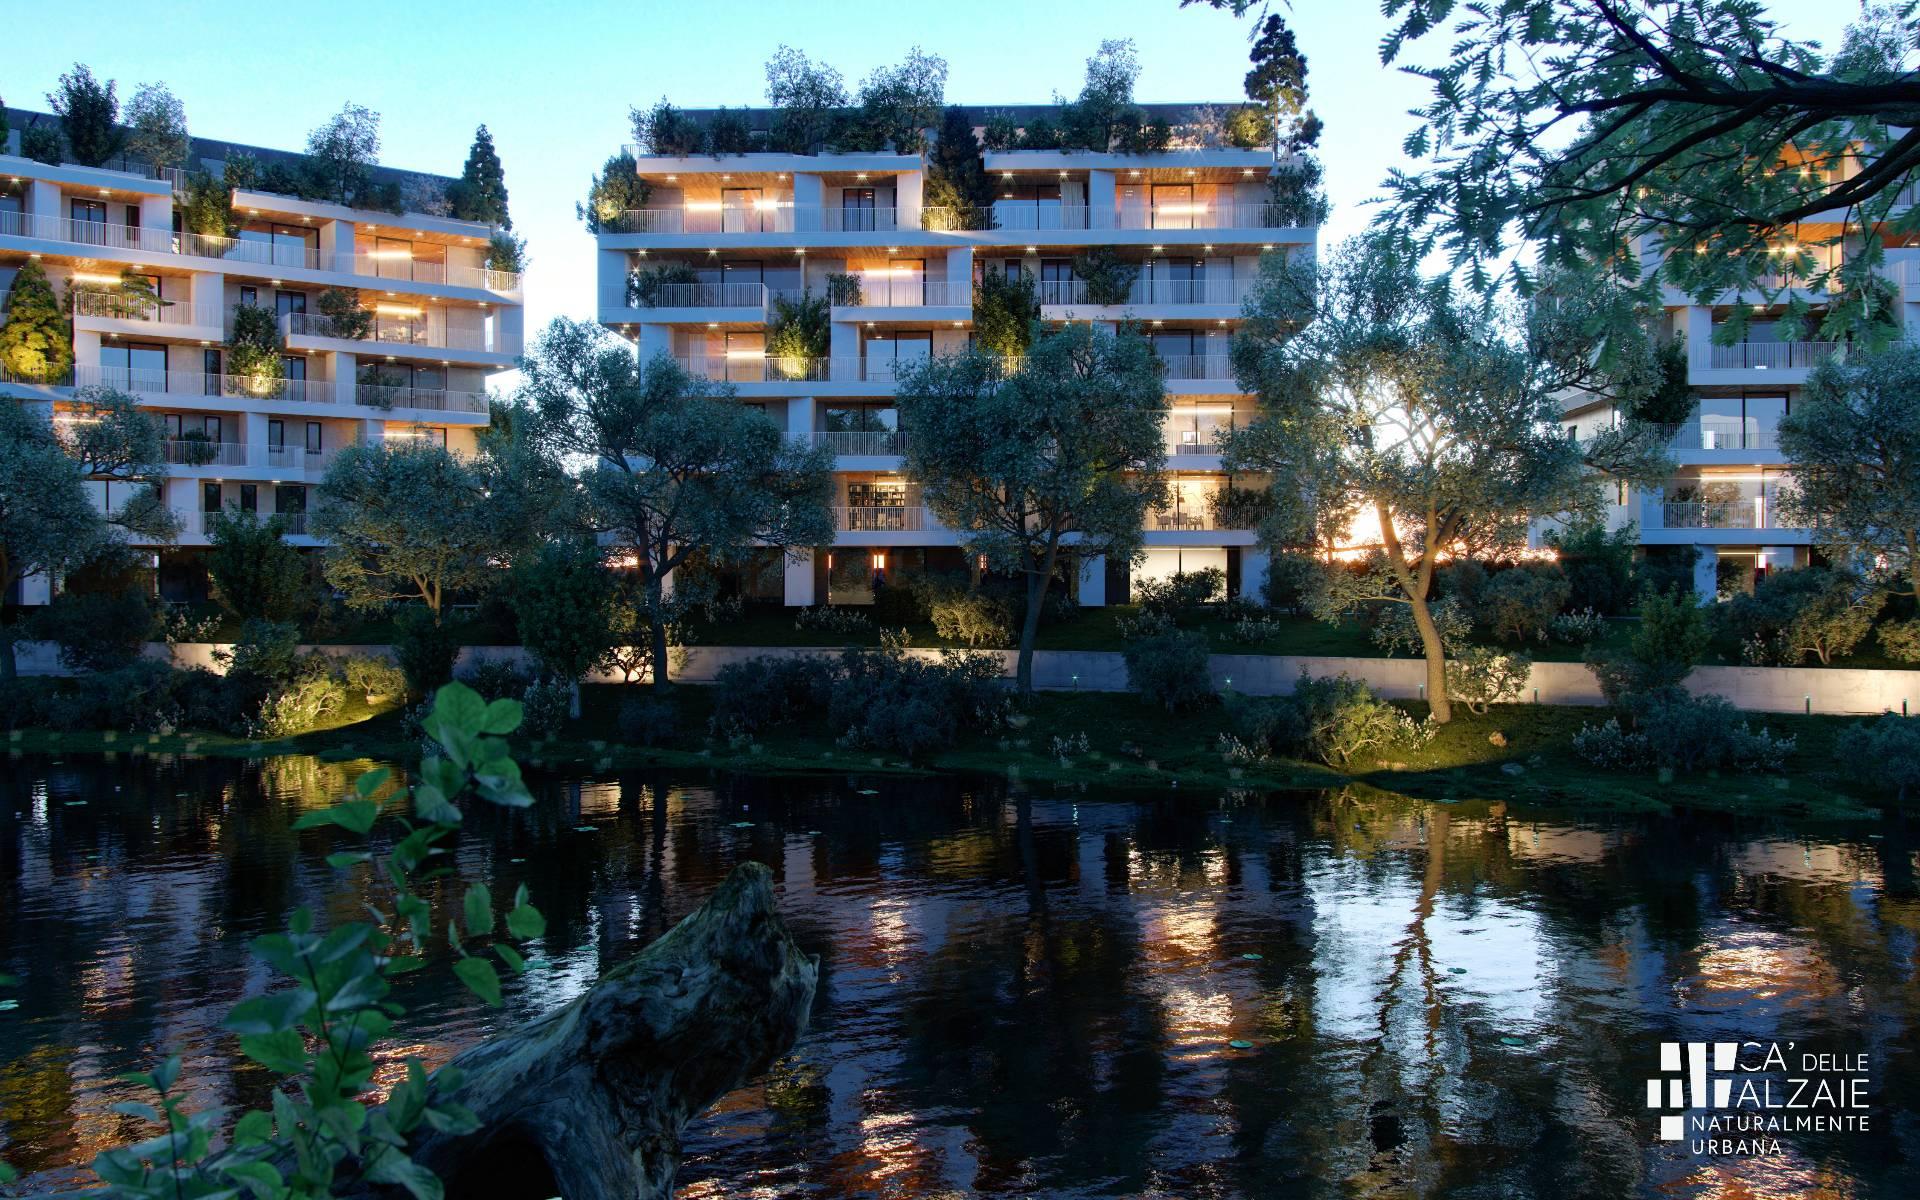 vendita appartamento treviso fuori mura  570000 euro  4 locali  198 mq